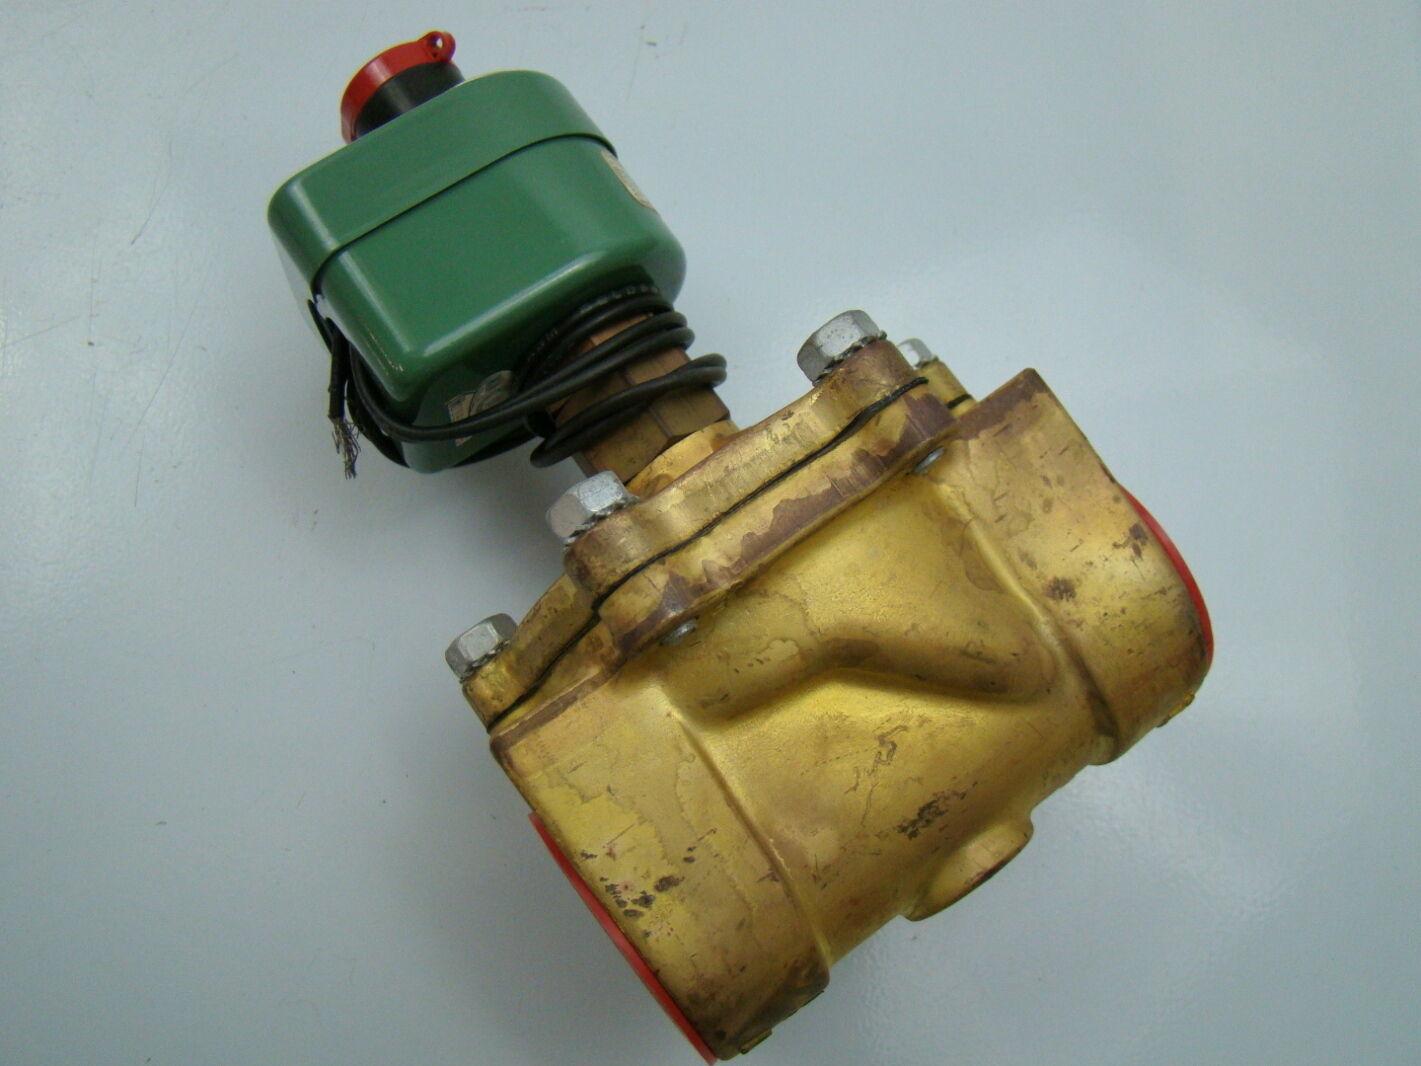 asco solenoid valve 8210 wiring diagram cub cadet ltx 1045 parts 15 4w 120v 8210a59